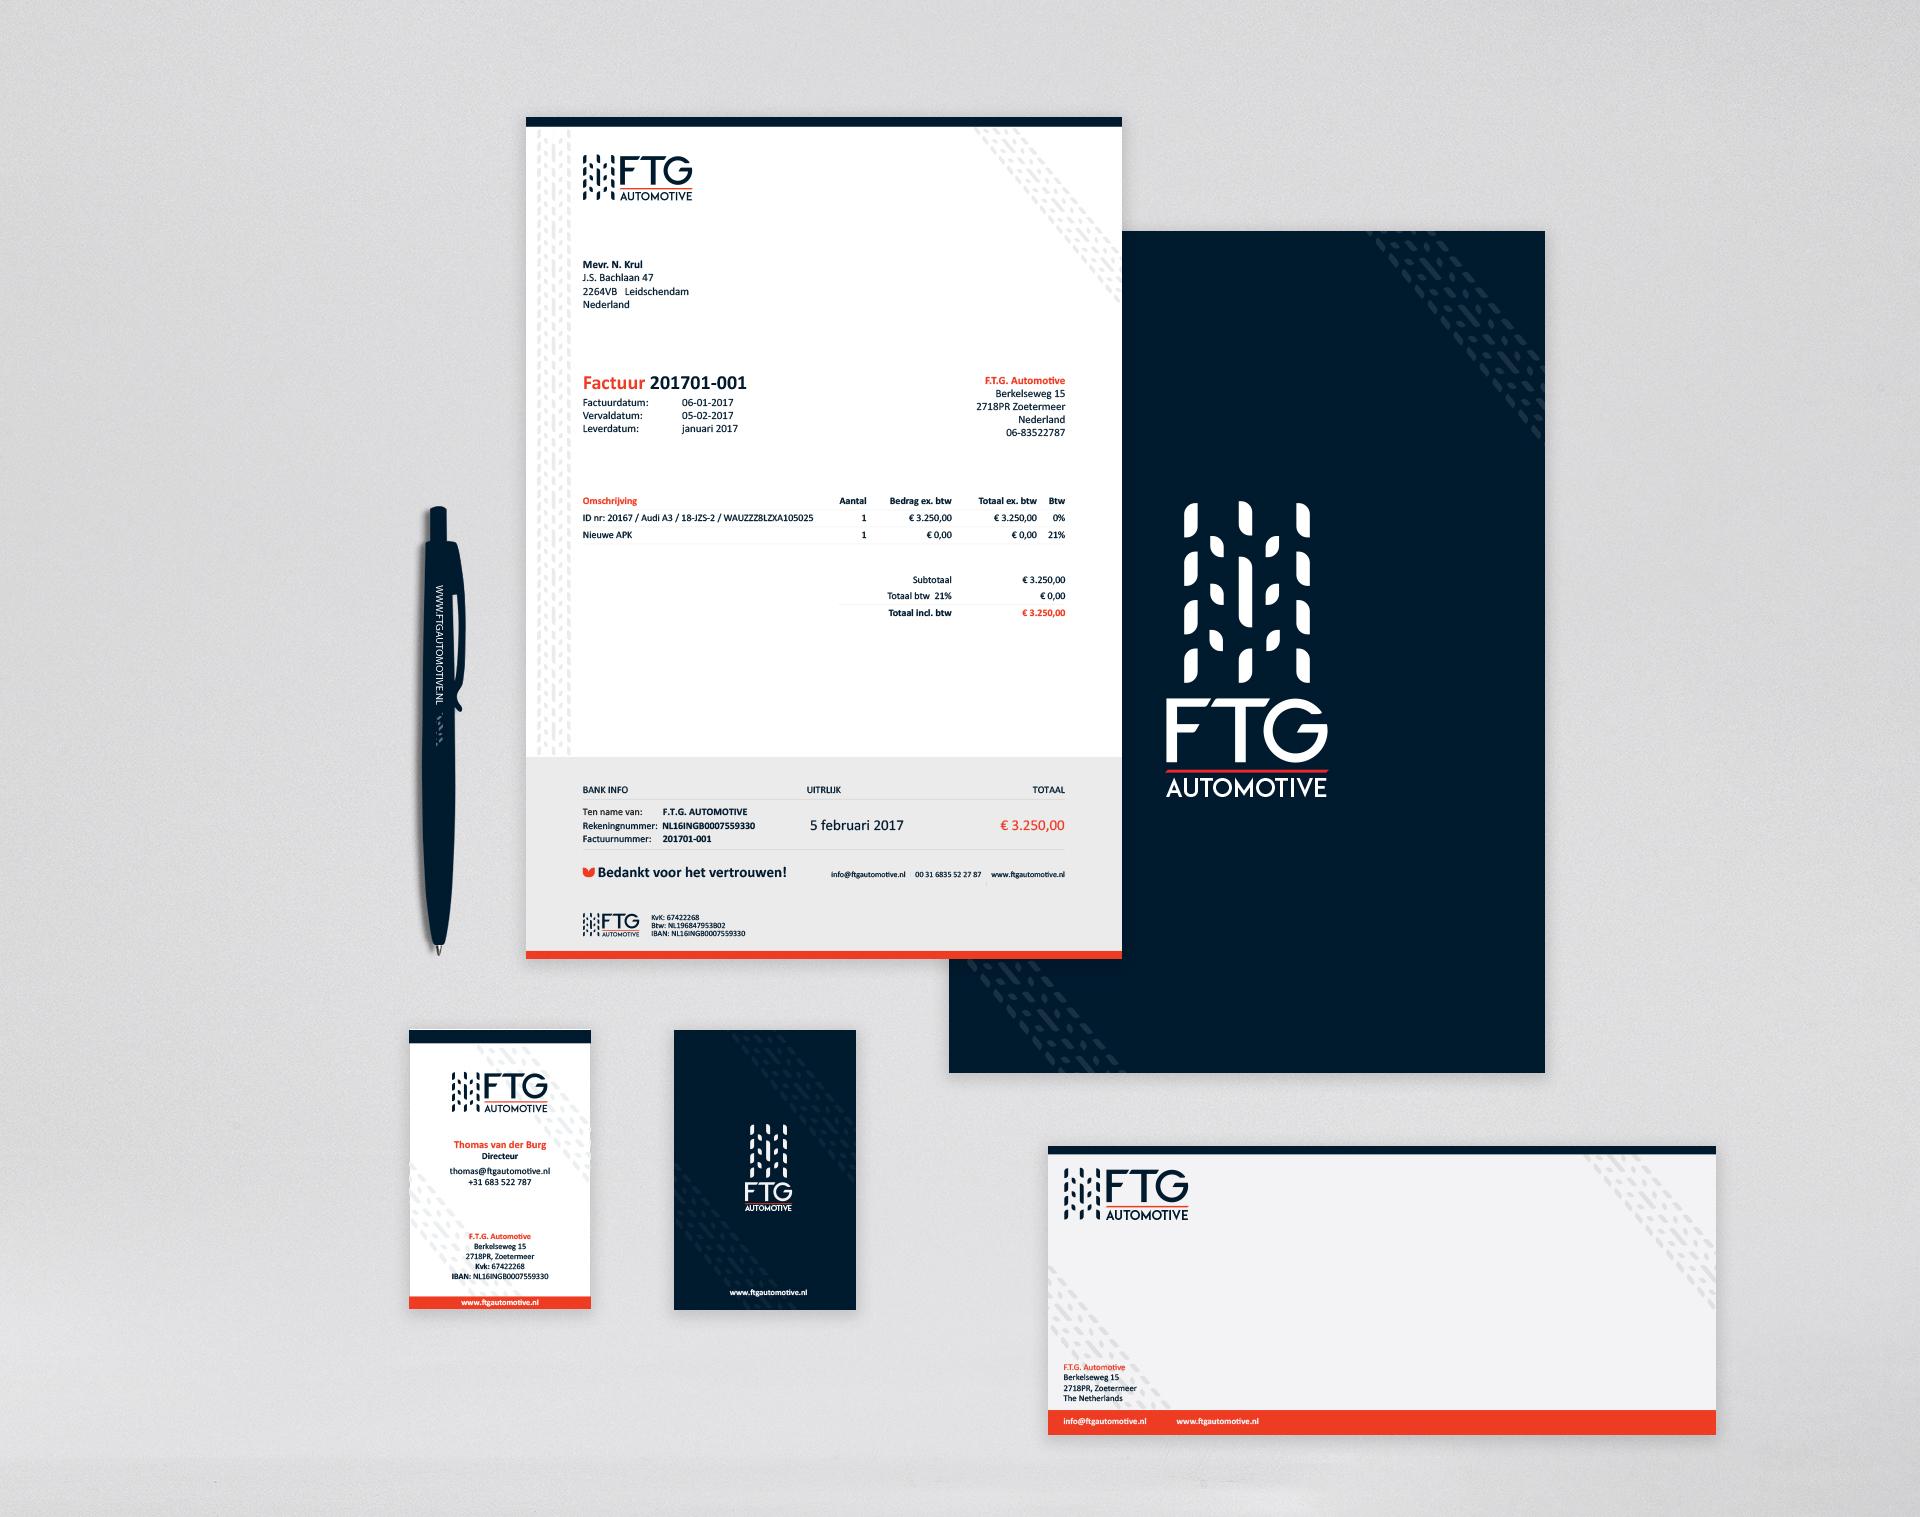 FTG Automotive Stationary